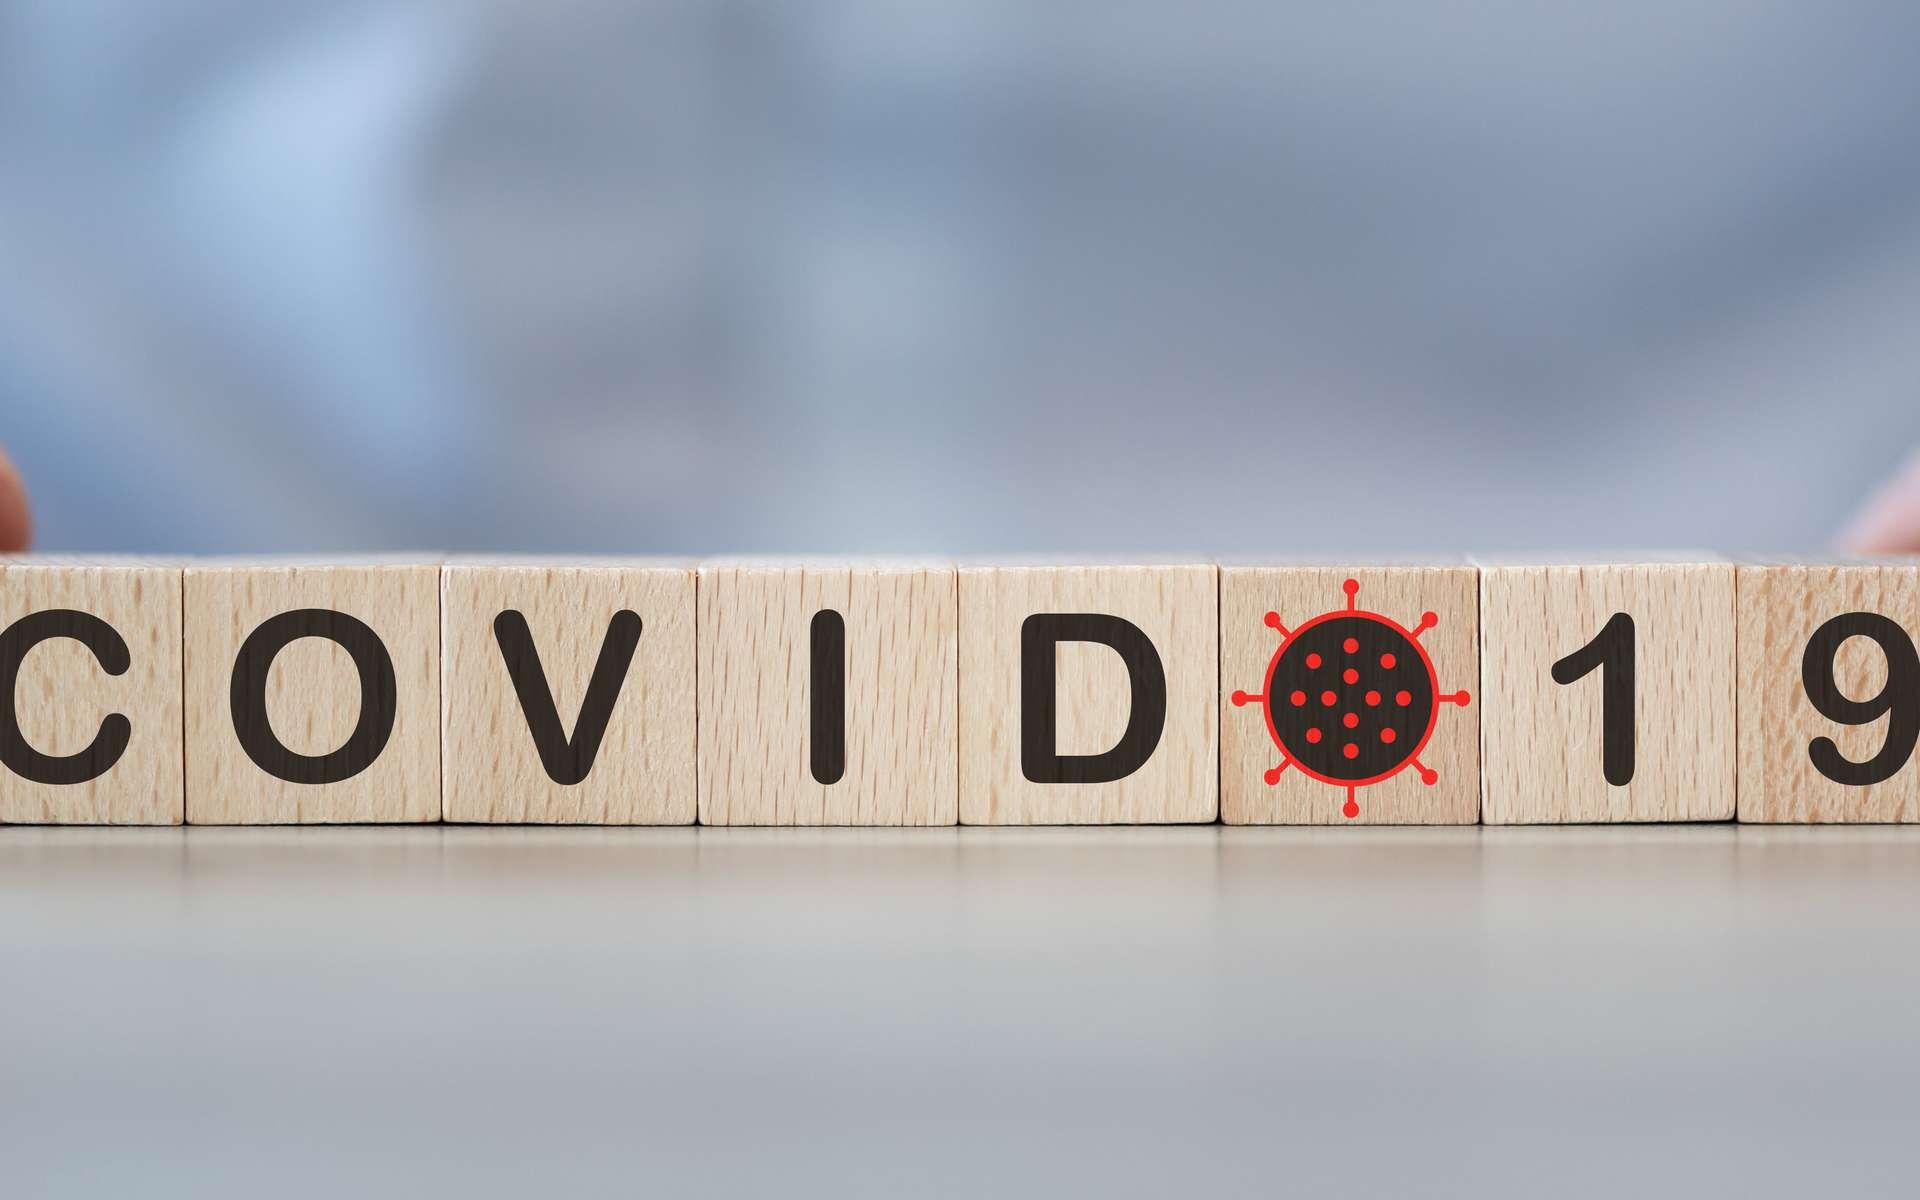 Covid-19 : bientôt la maladie la plus mortelle par jour. © thonodal, Adobe Stock